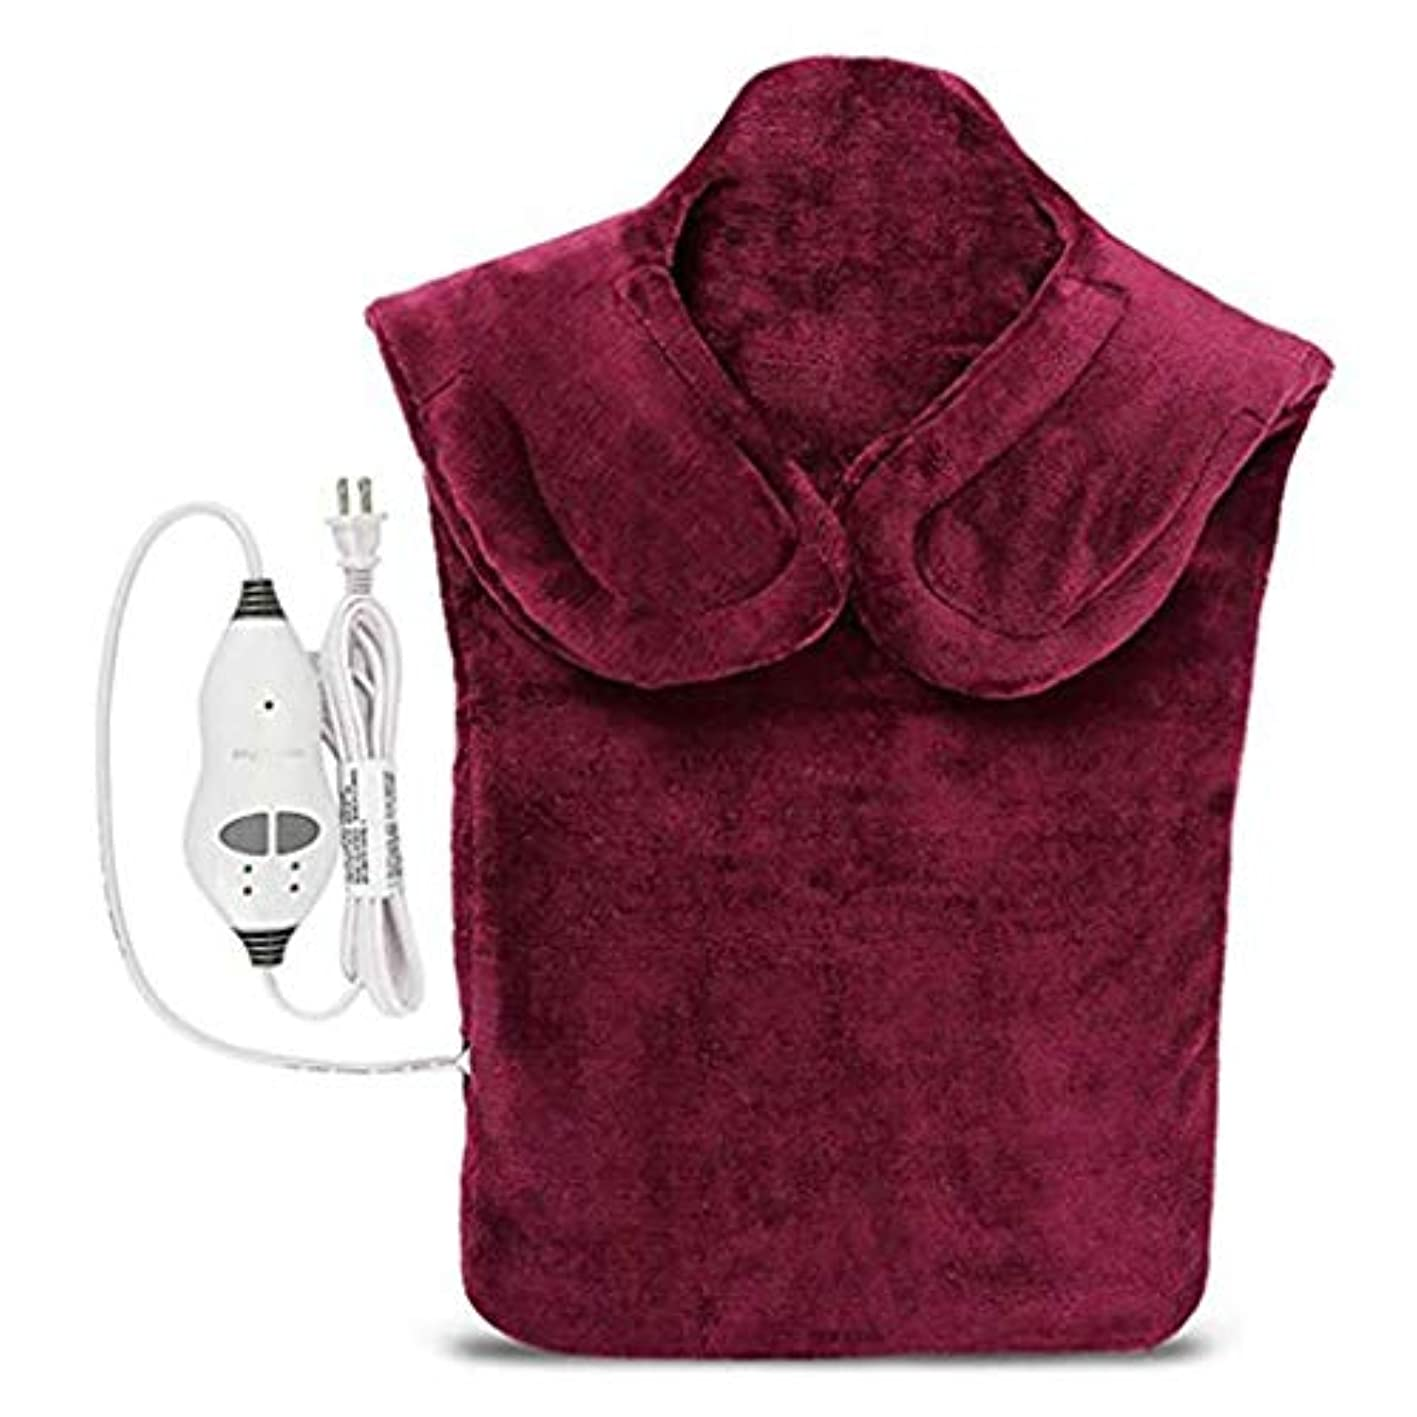 挨拶する作りますメトロポリタン戻る電気マッサージ器、首暖房パッド、フランネル健康ラップ首/肩/血液循環を促進、筋肉の痛みを和らげる、暖かい保つために (Color : Winered, Size : One size)